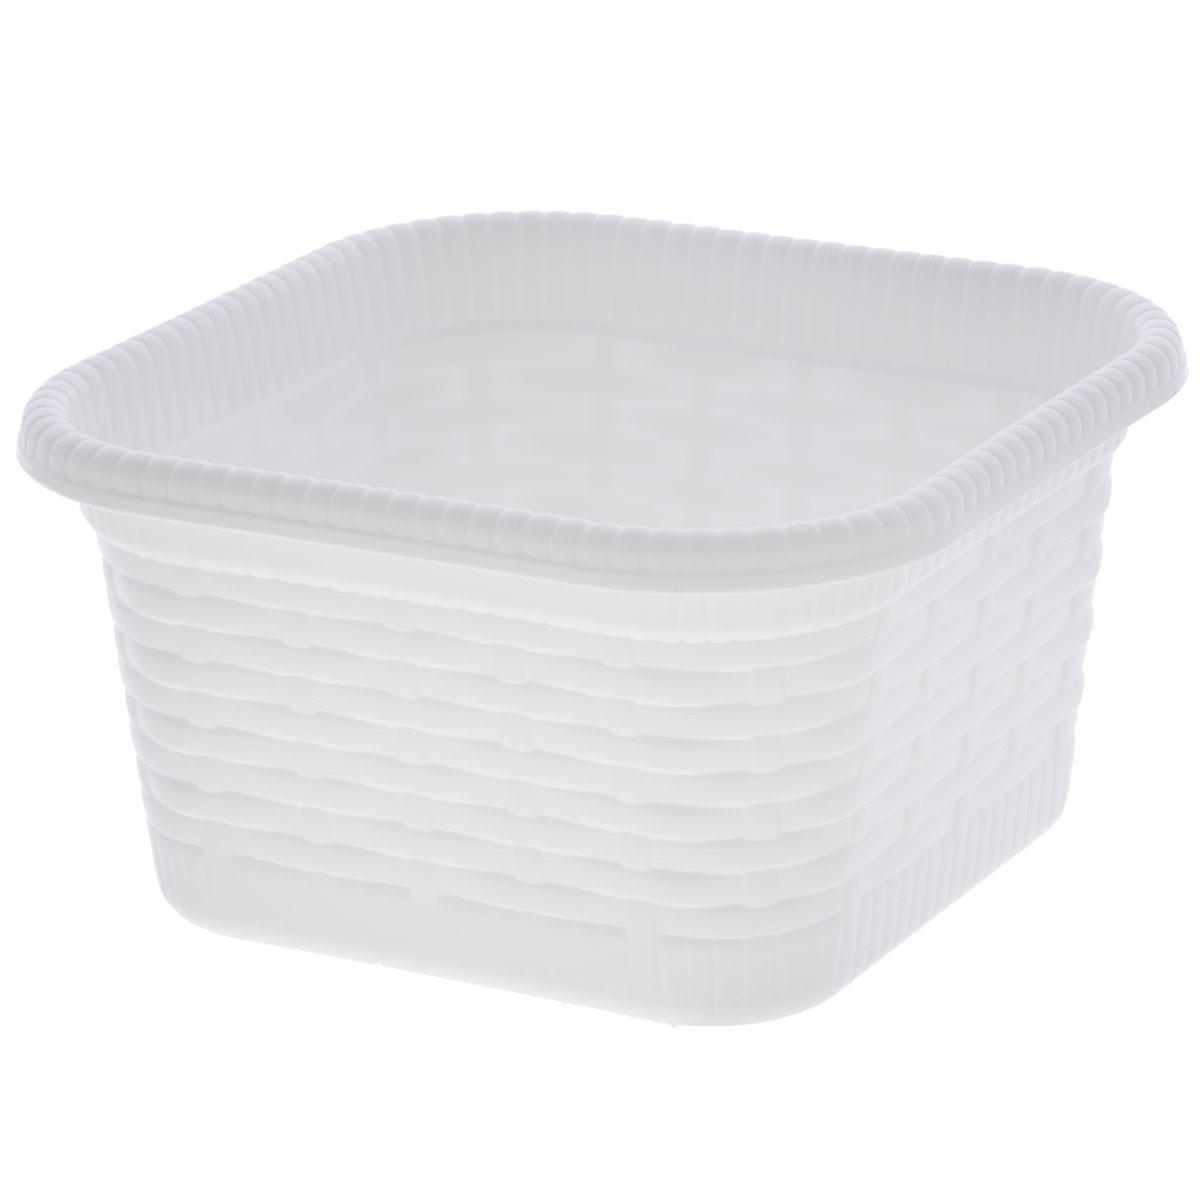 Корзина хозяйственная Gensini Rattan, цвет: белый, 15 х 15 х 8 см корзина для хранения арт студия решетняк винтаж средняя 15 х 12 см